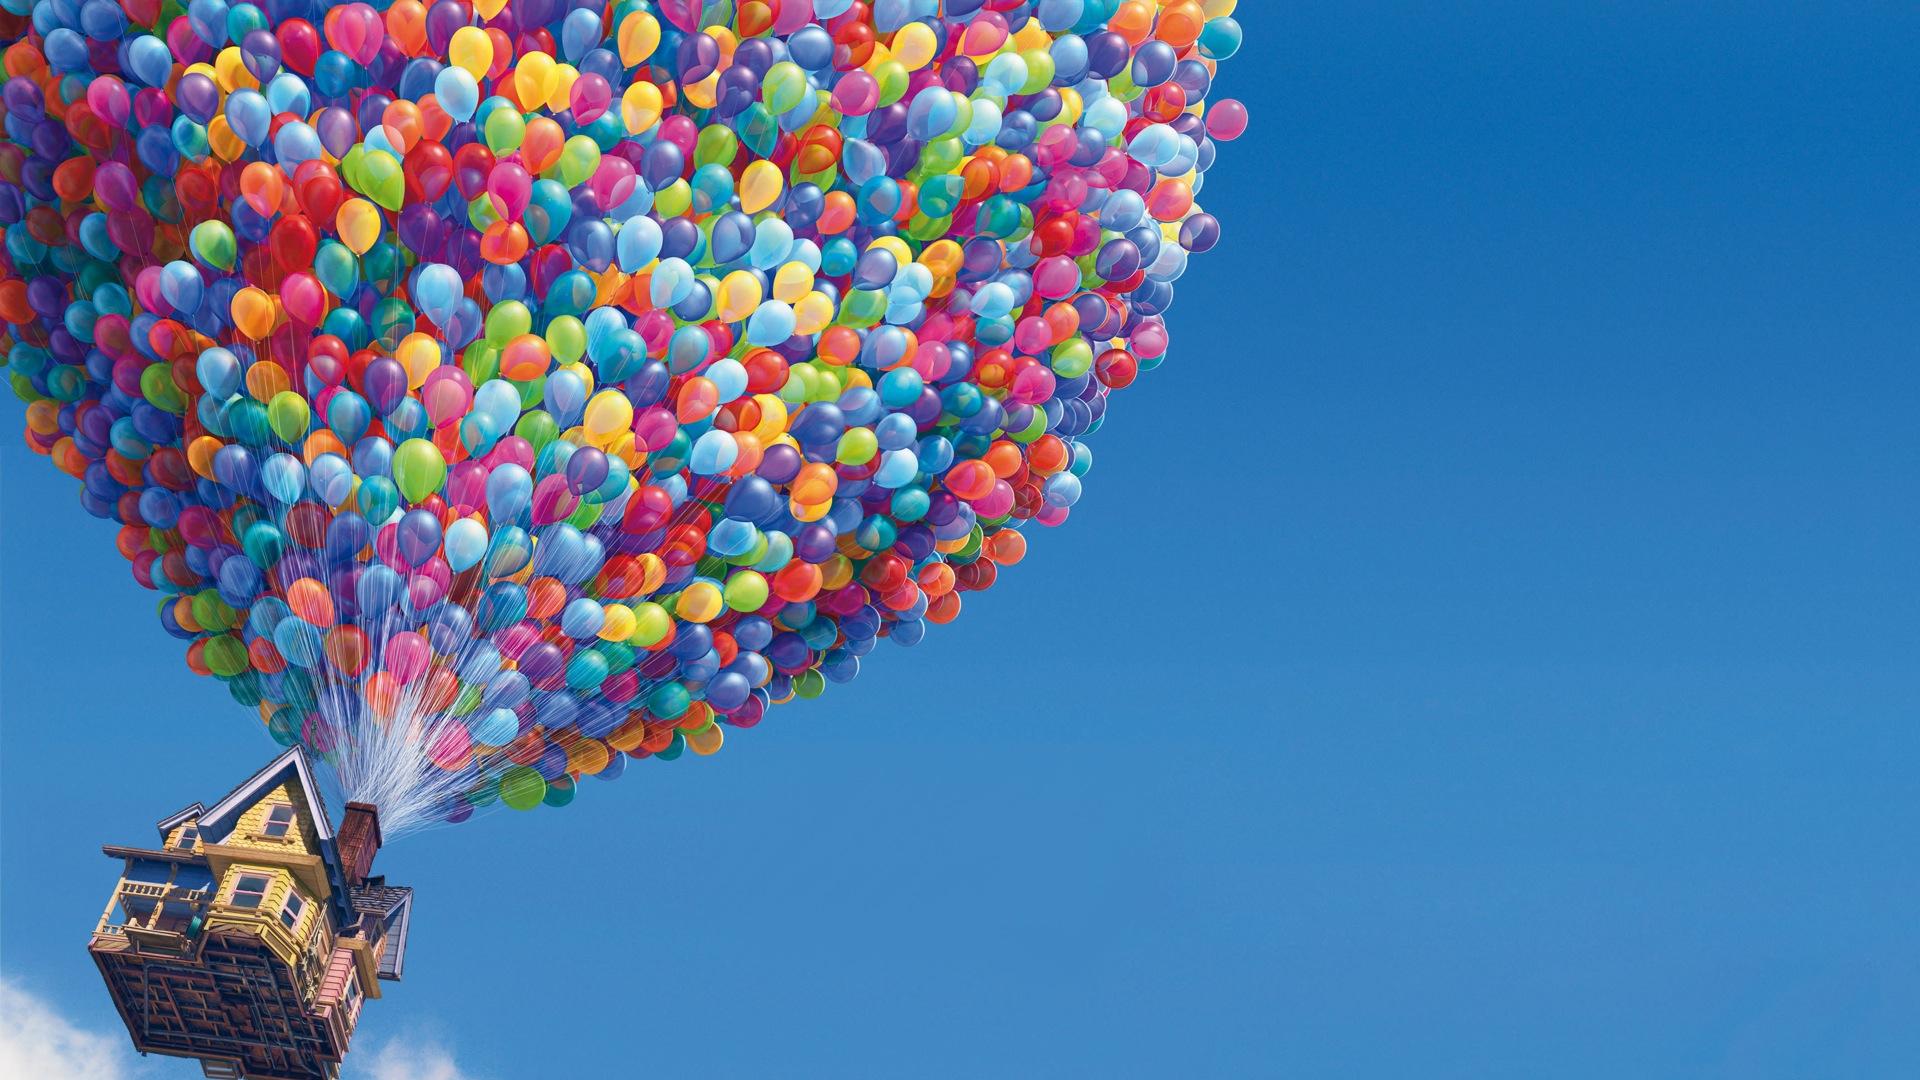 Идея дня: Маск хочет посадить ракету с помощью гигантского воздушного шара